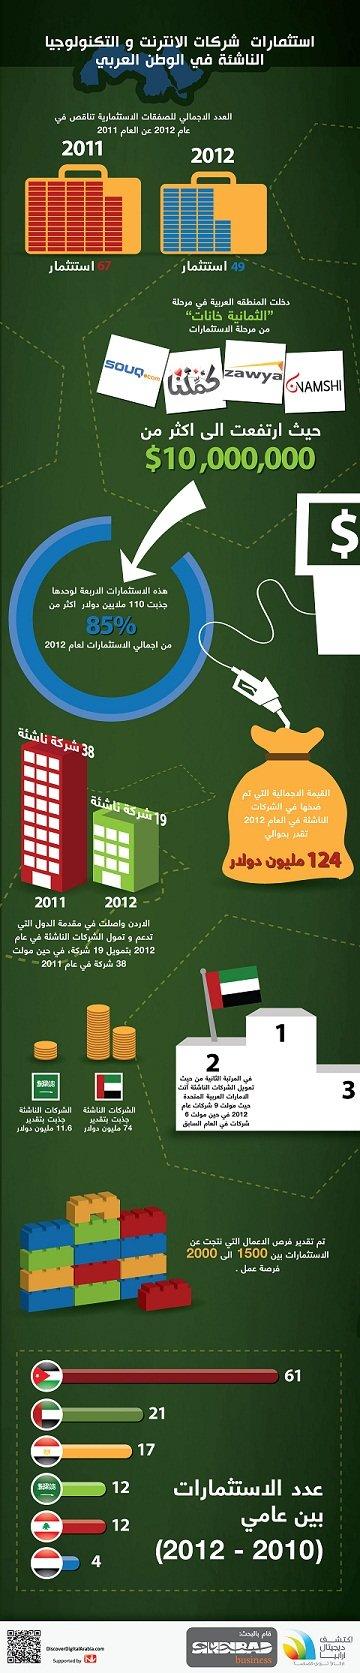 استثمارات شركات الإنترنت و التكنولوجيا الناشئة في الوطن العربي #انفوغراف #اقتصاد #انفوجرافيك #انفوجرافيك_عربي